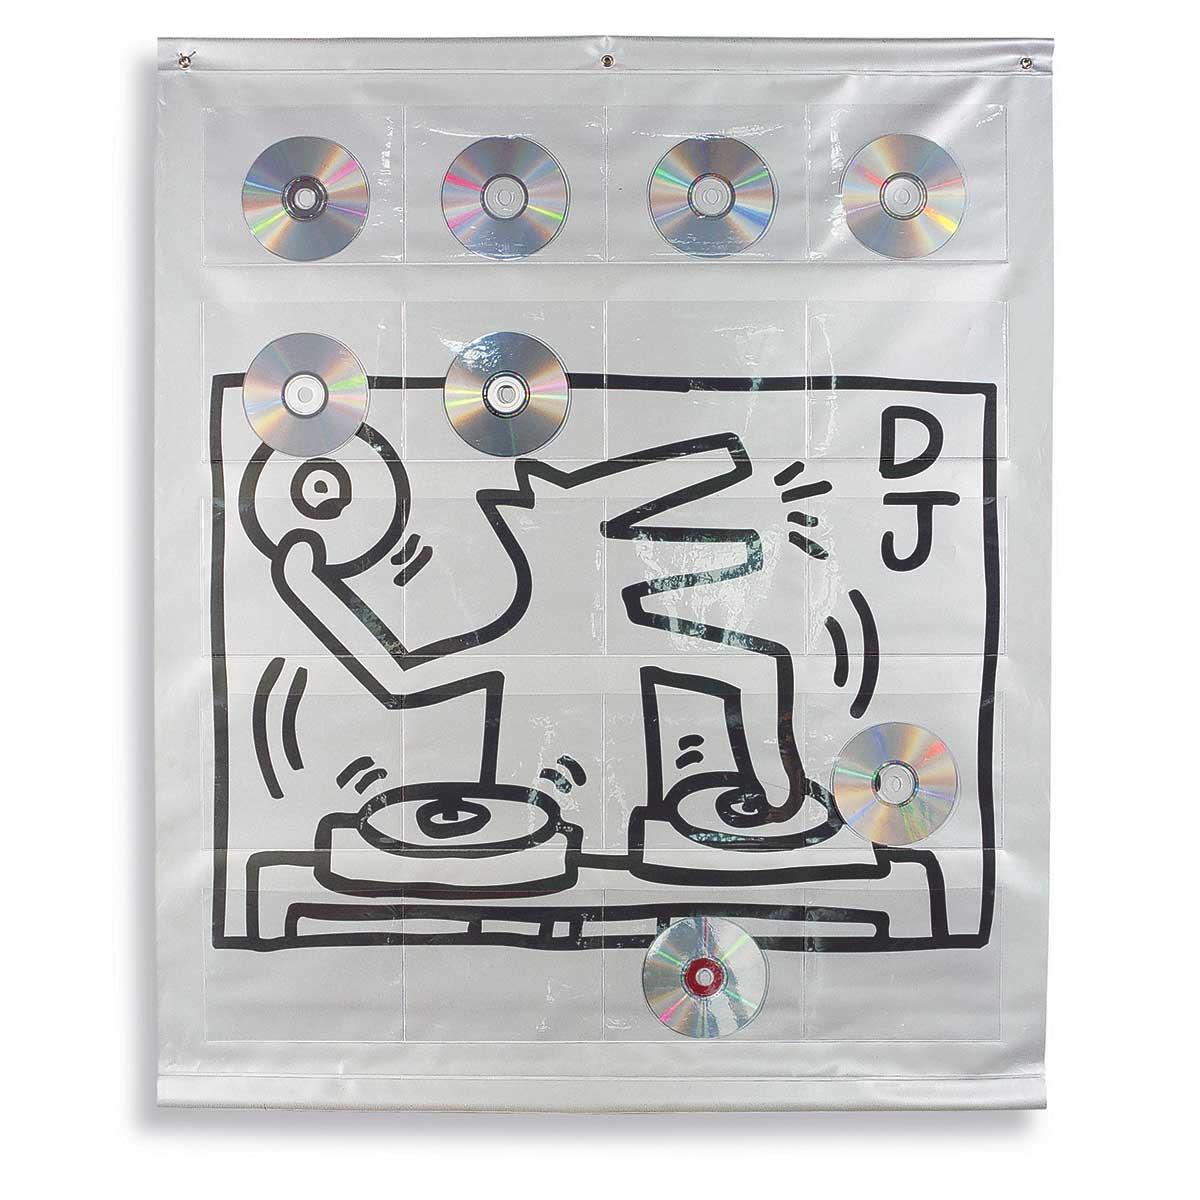 Portaoggetti da parete in pvc con stampa digitale con pattern pop e 20 tasche trasparenti